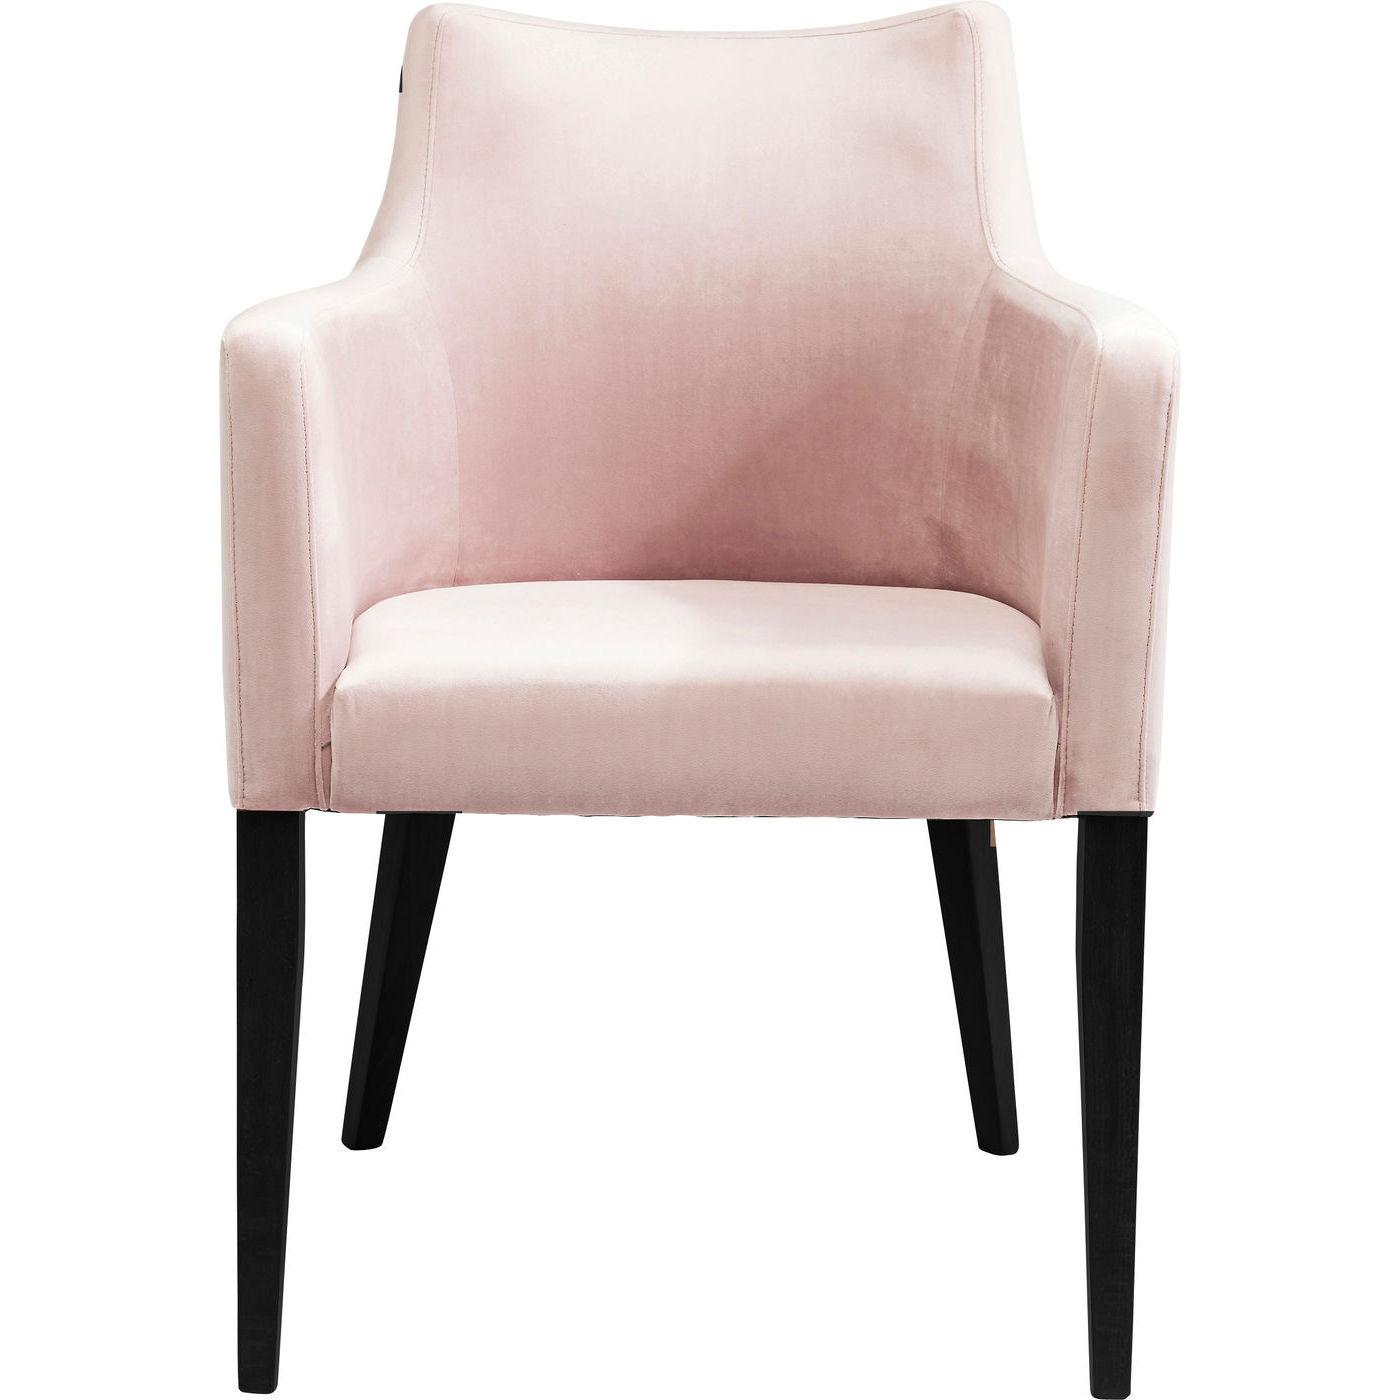 Kare design black mode velvet mauve lænestol - lyserødt stof/bøg, m. armlæn fra kare design på boboonline.dk